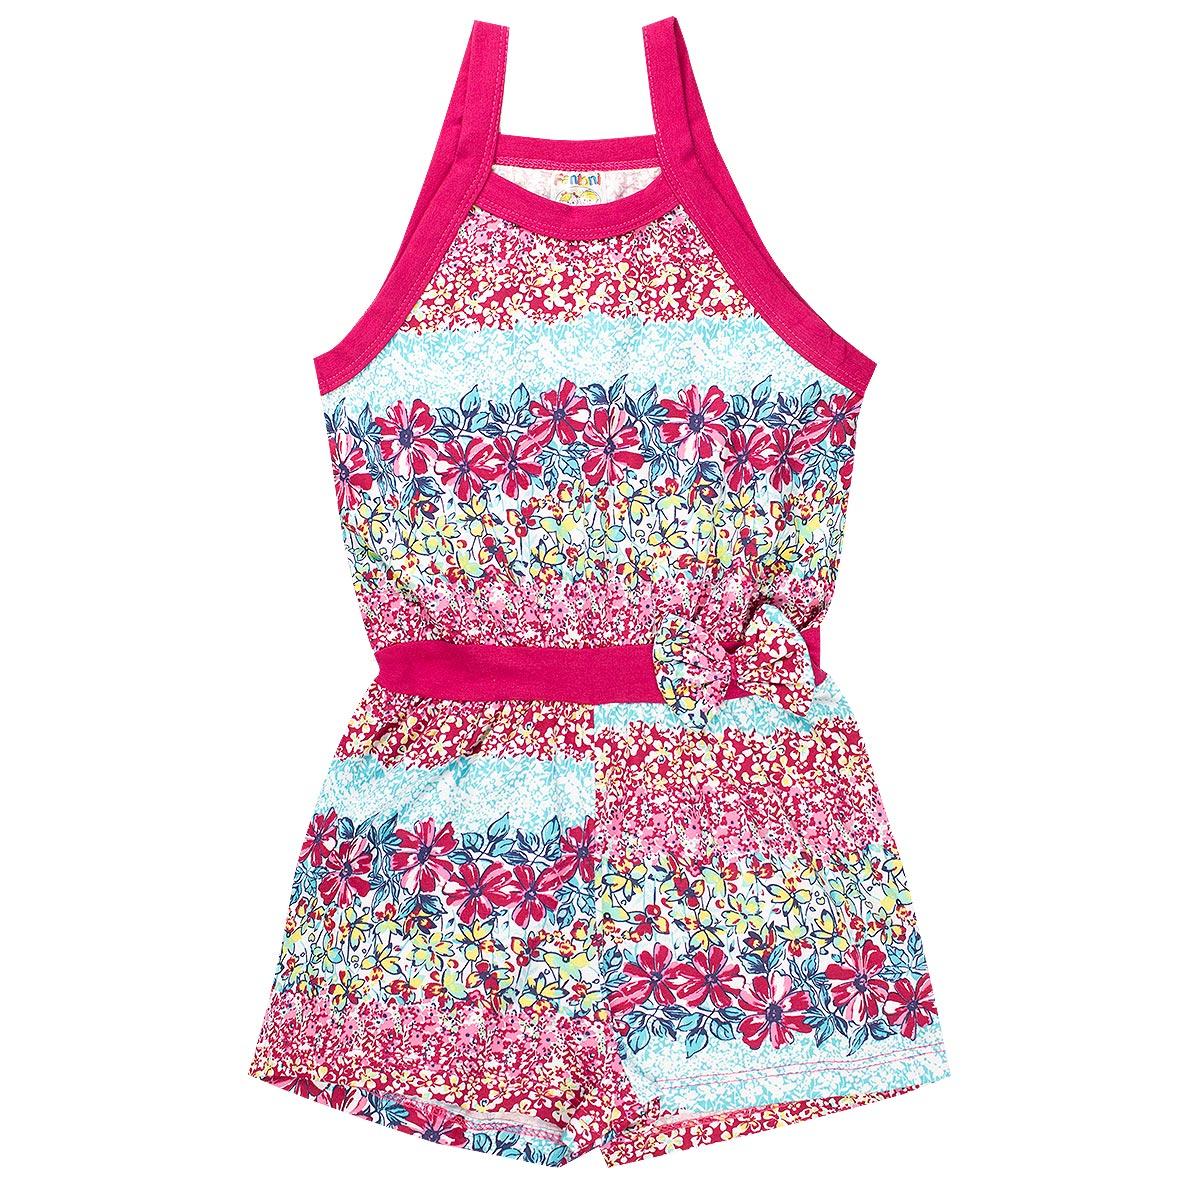 Macaquinho Infantil Menina Estampado Floral - Pink